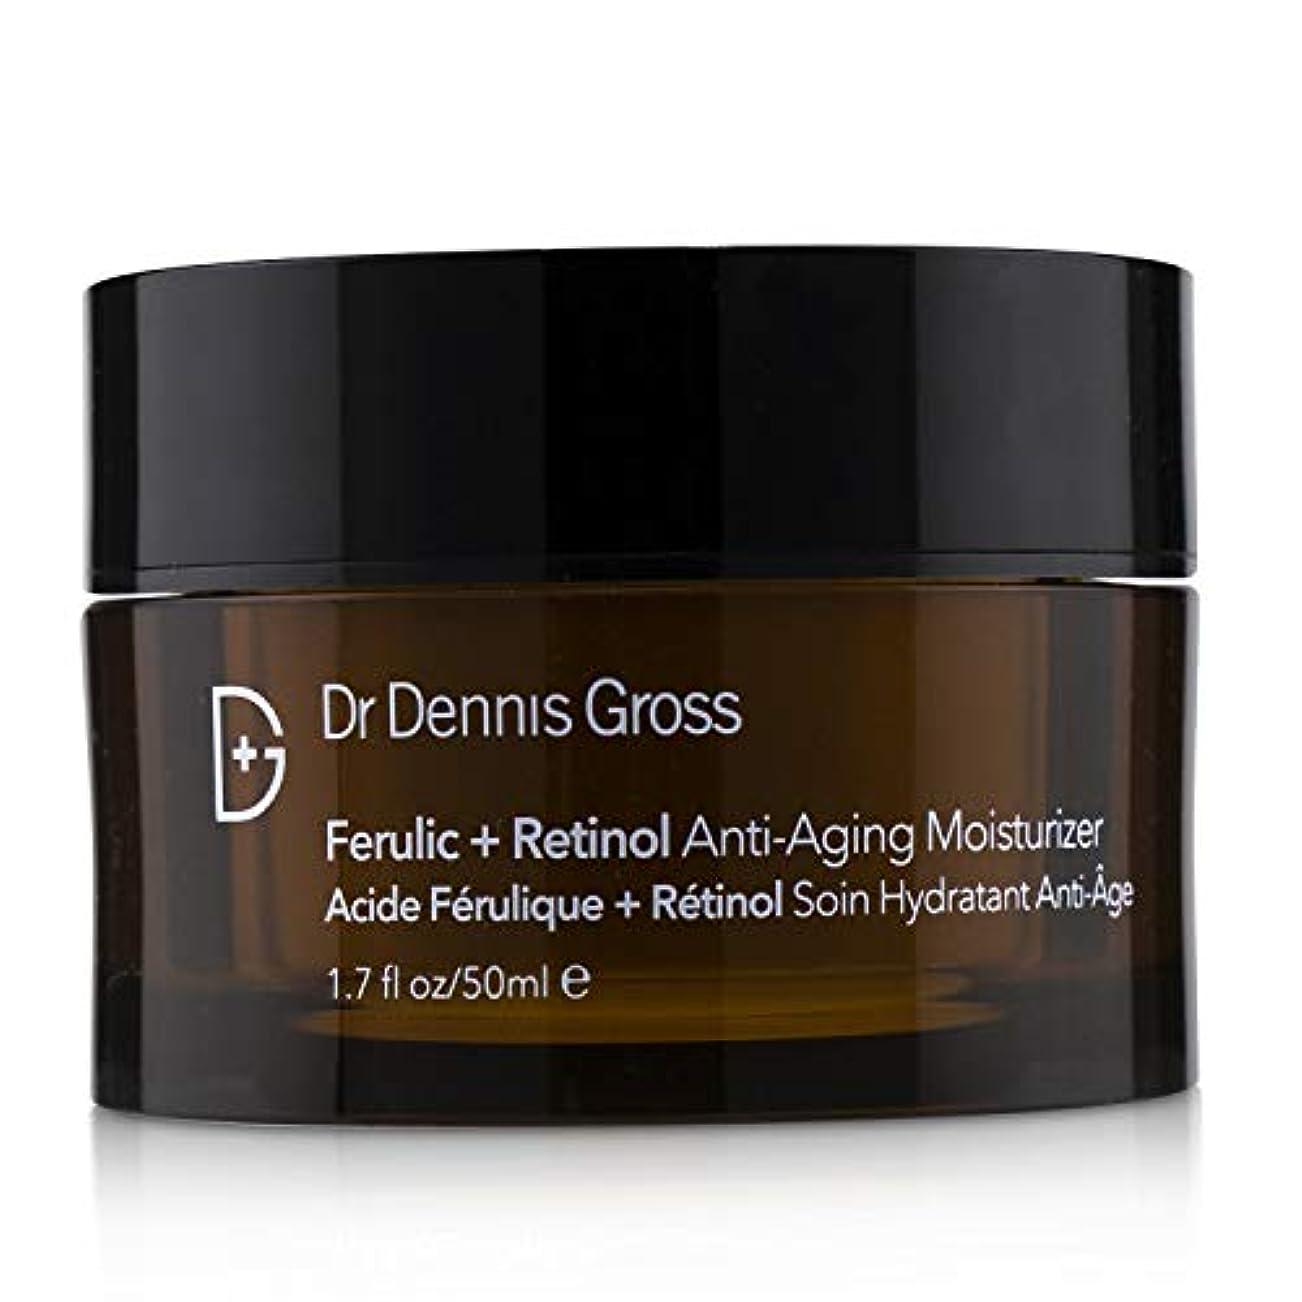 位置する幸運なことに提出するドクターデニスグロス Ferulic + Retinol Anti-Aging Moisturizer - Salon Product 50ml/1.7oz並行輸入品